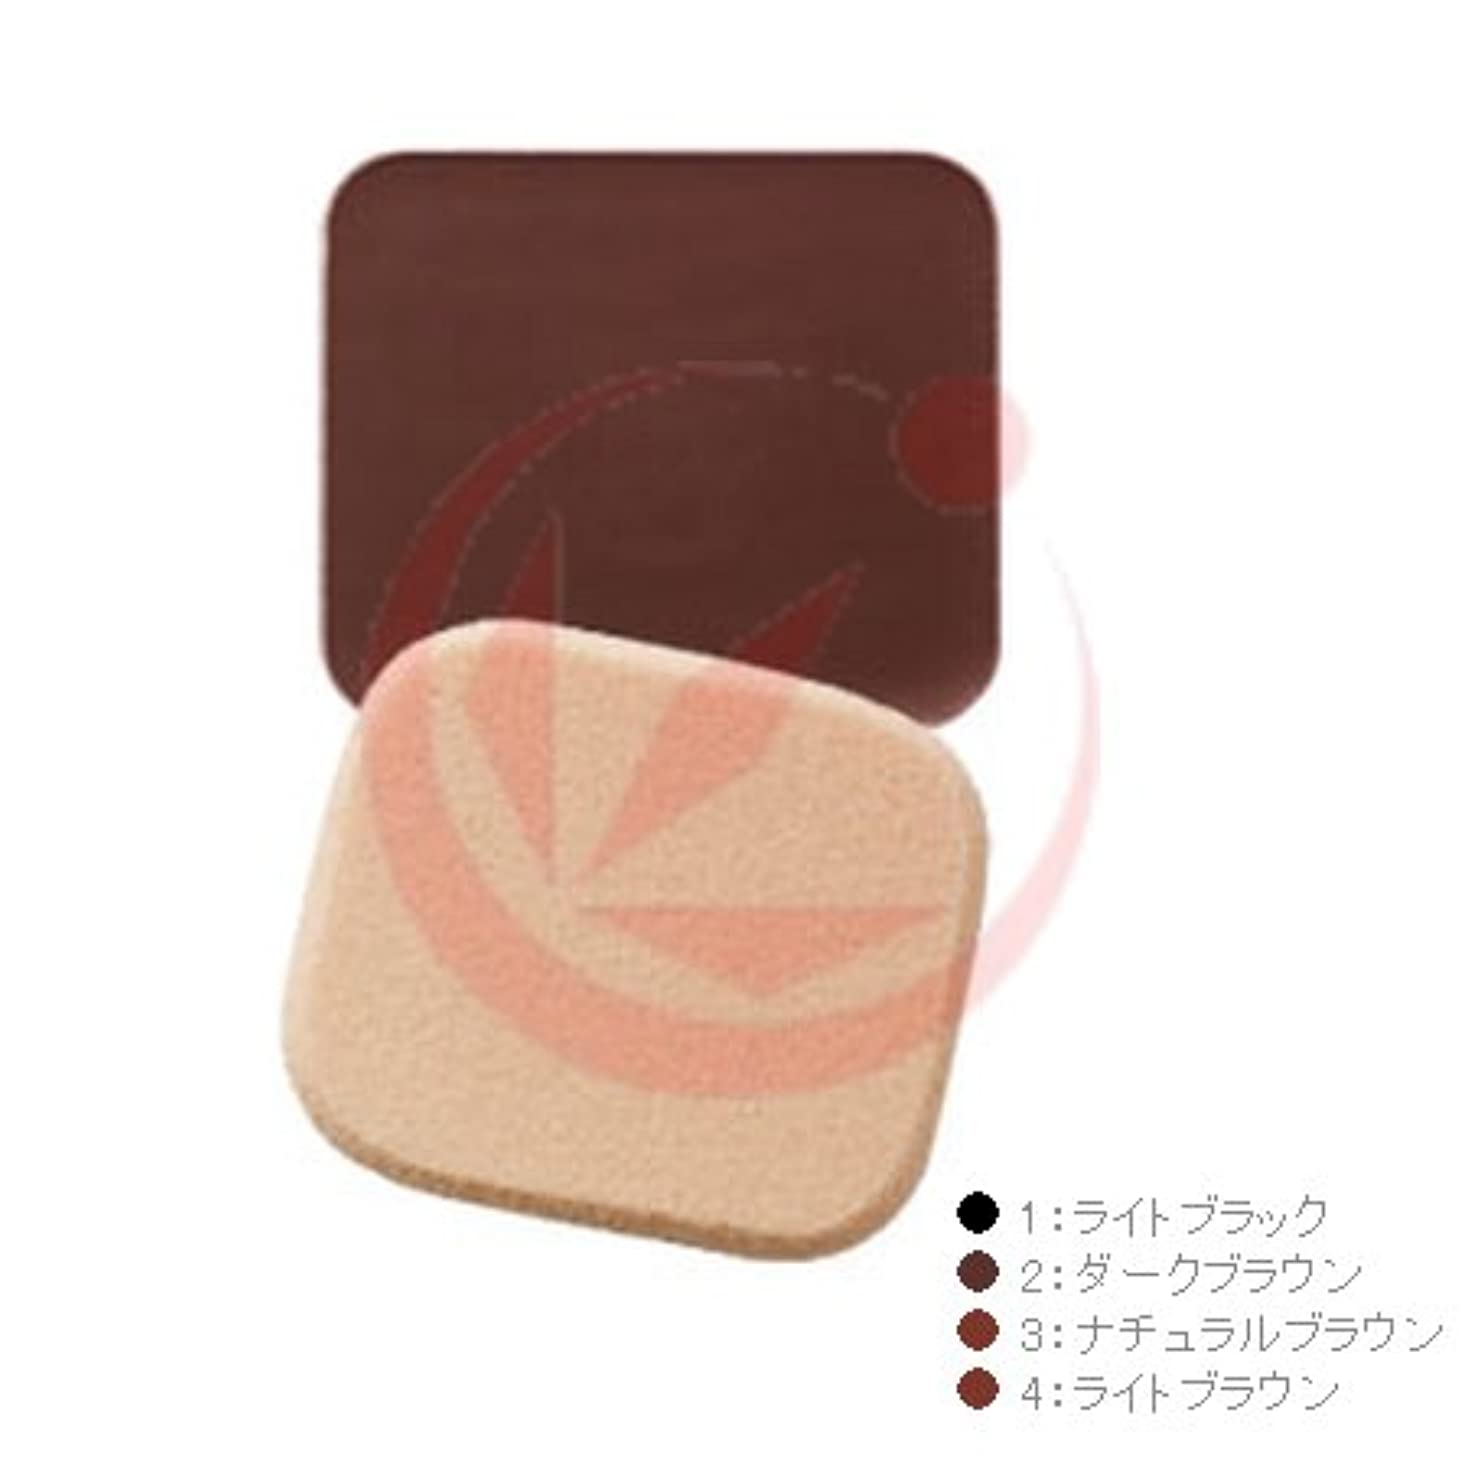 ブローオーバーヘッド金曜日イリヤ 彩(いろどり) ヘアファンデーション 13g 詰替用 パフ付 ダークブラウン